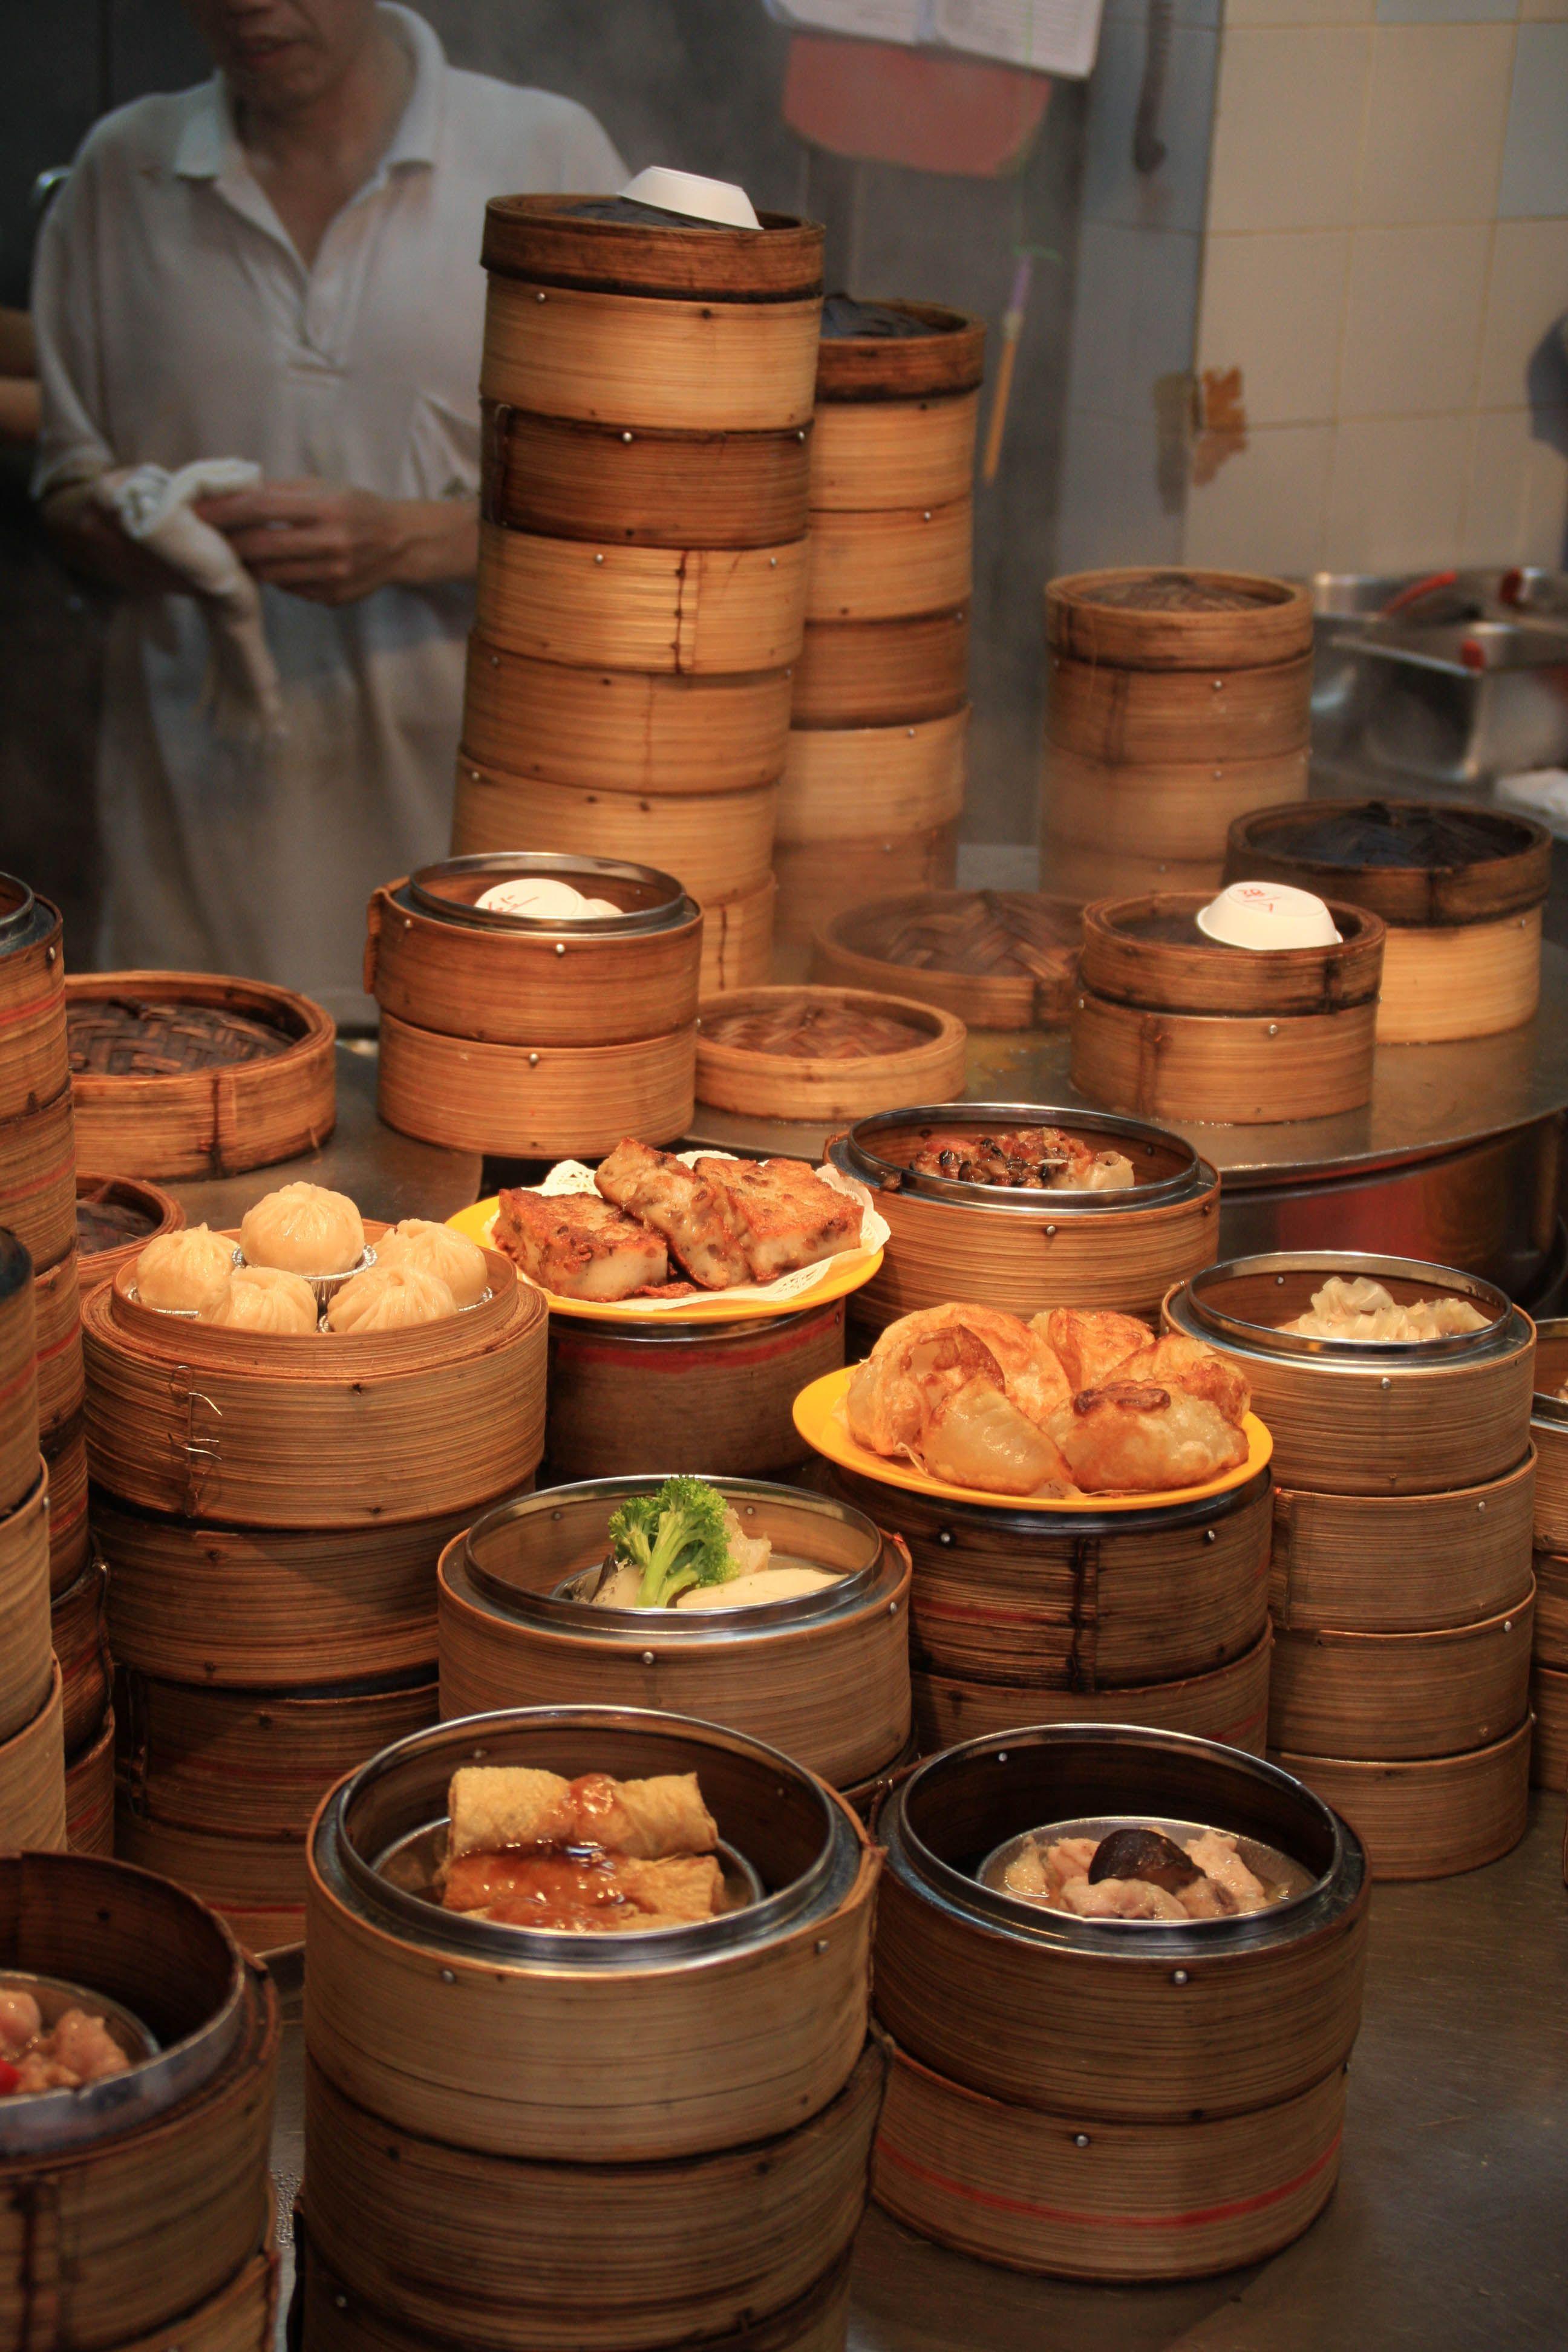 Welcome To Taste The Delicious Dim Sum At Chinese Restaurants In Hongkong Https Www Facebook Com Weekendweeklyjets Food Cantonese Food Food Illustrations